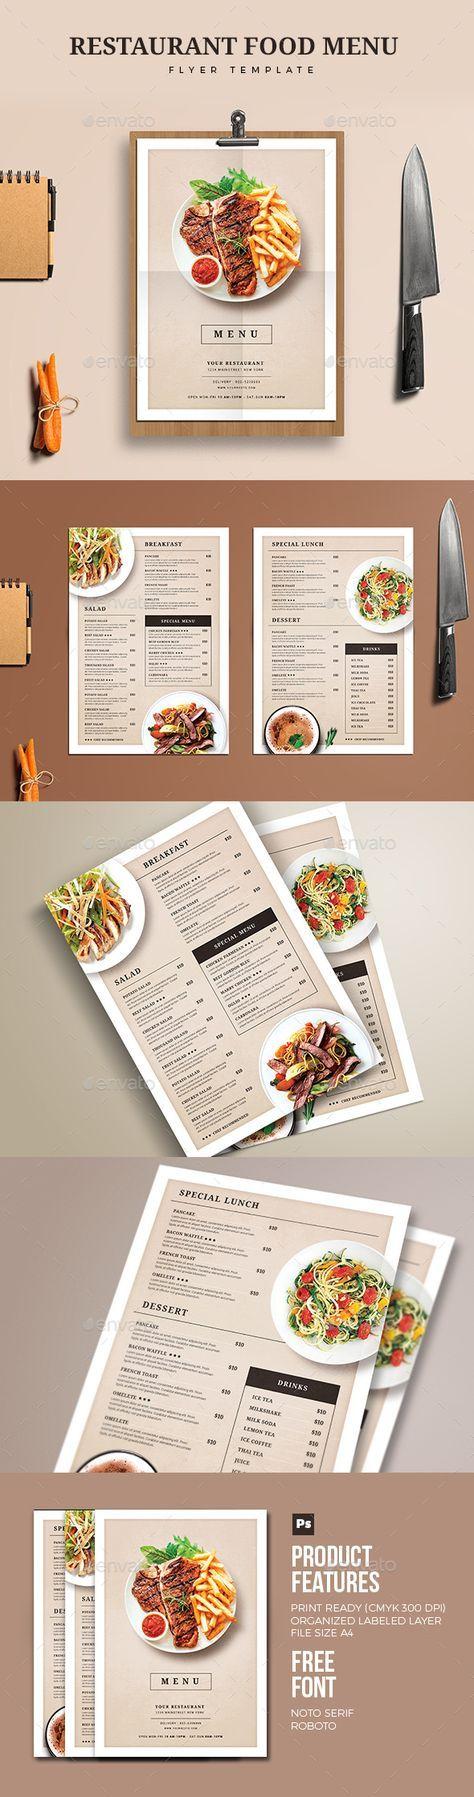 Restaurant Food Menu | Menú de comidas, Comida de y De comida